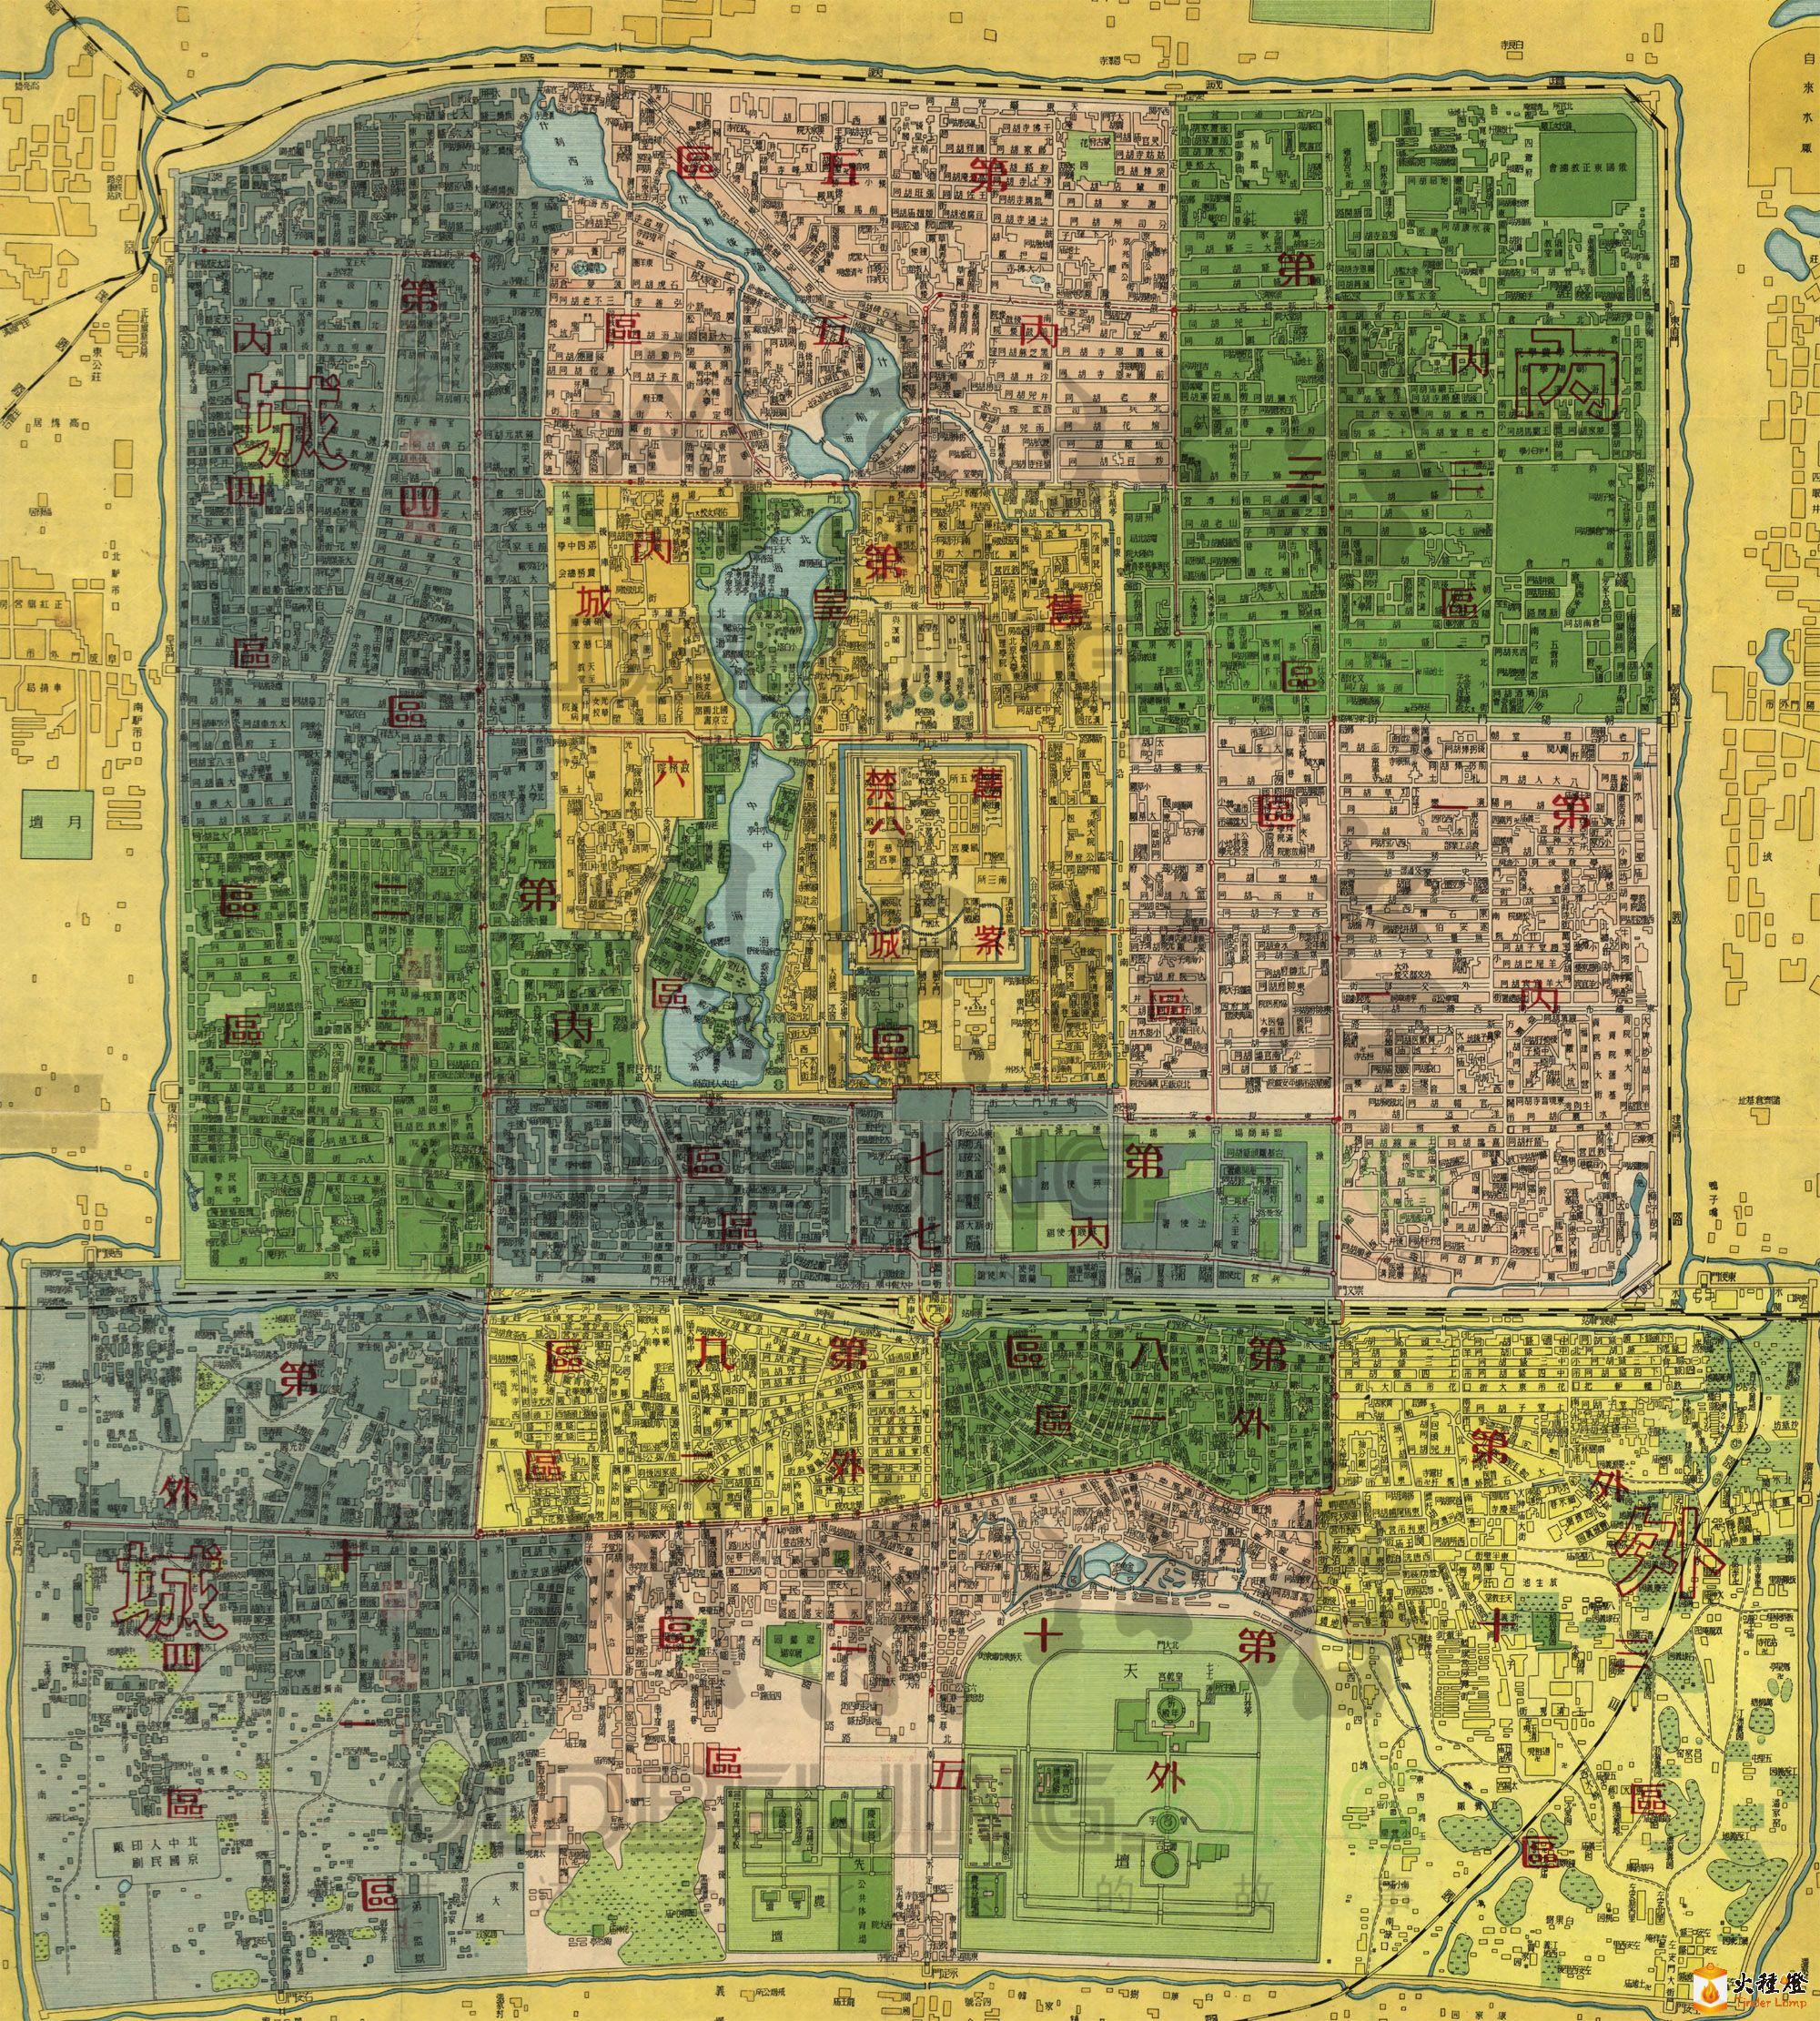 044.北京城区地图 (1952年).jpg